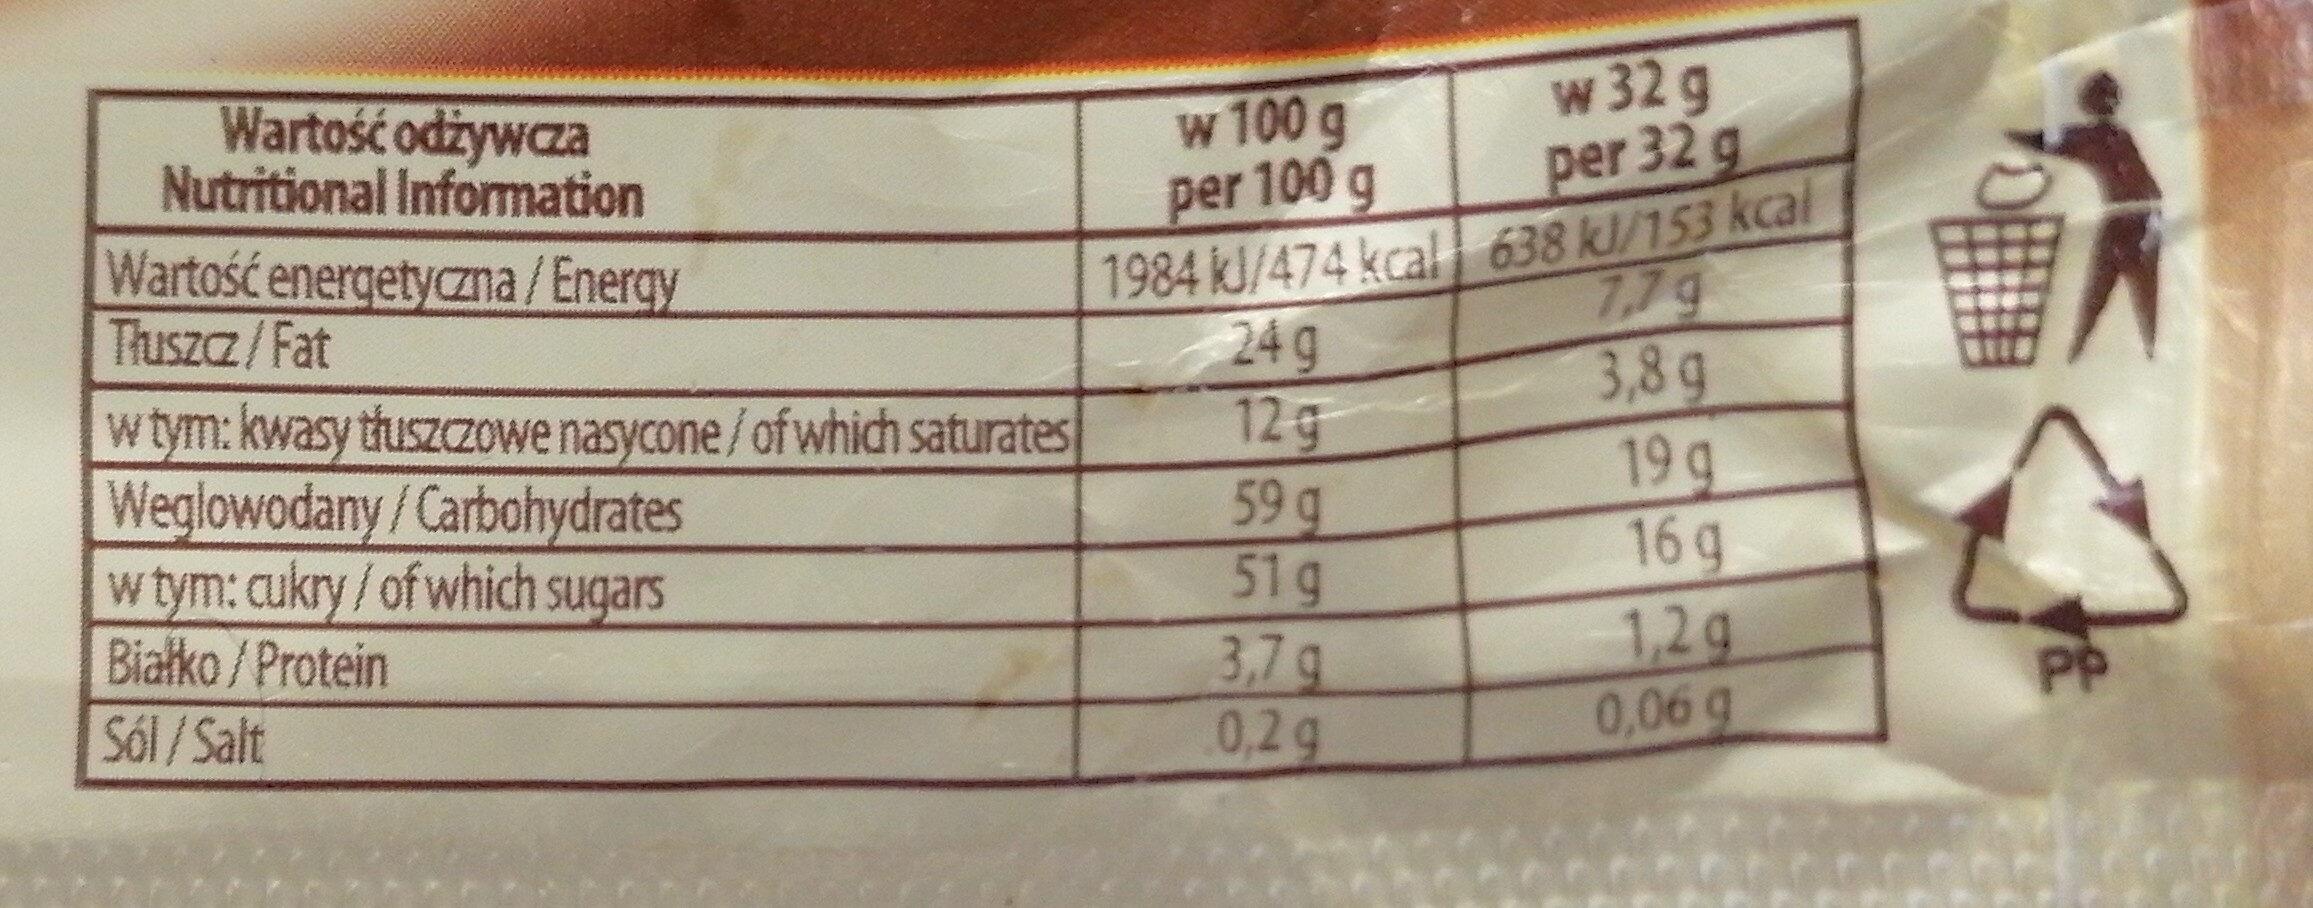 Sękacz kakaowy. - Wartości odżywcze - pl